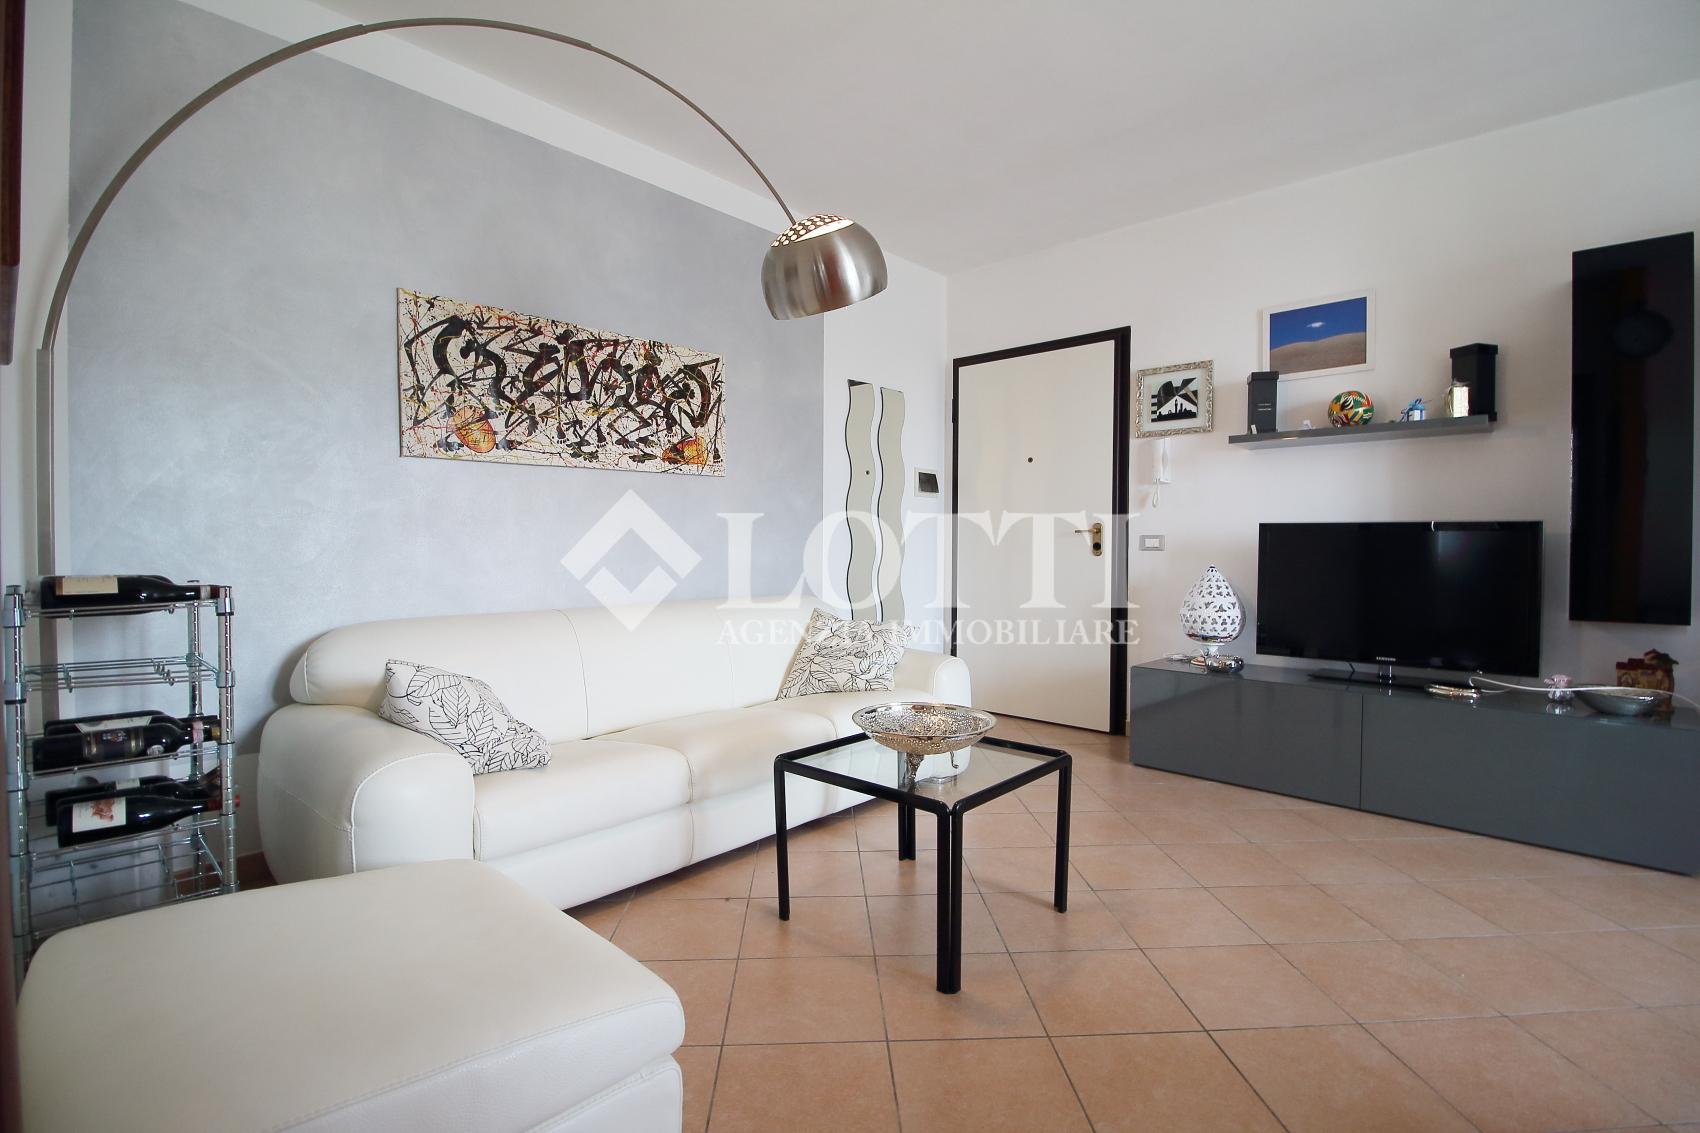 Apartment for sale in Cascine, Buti (PI)